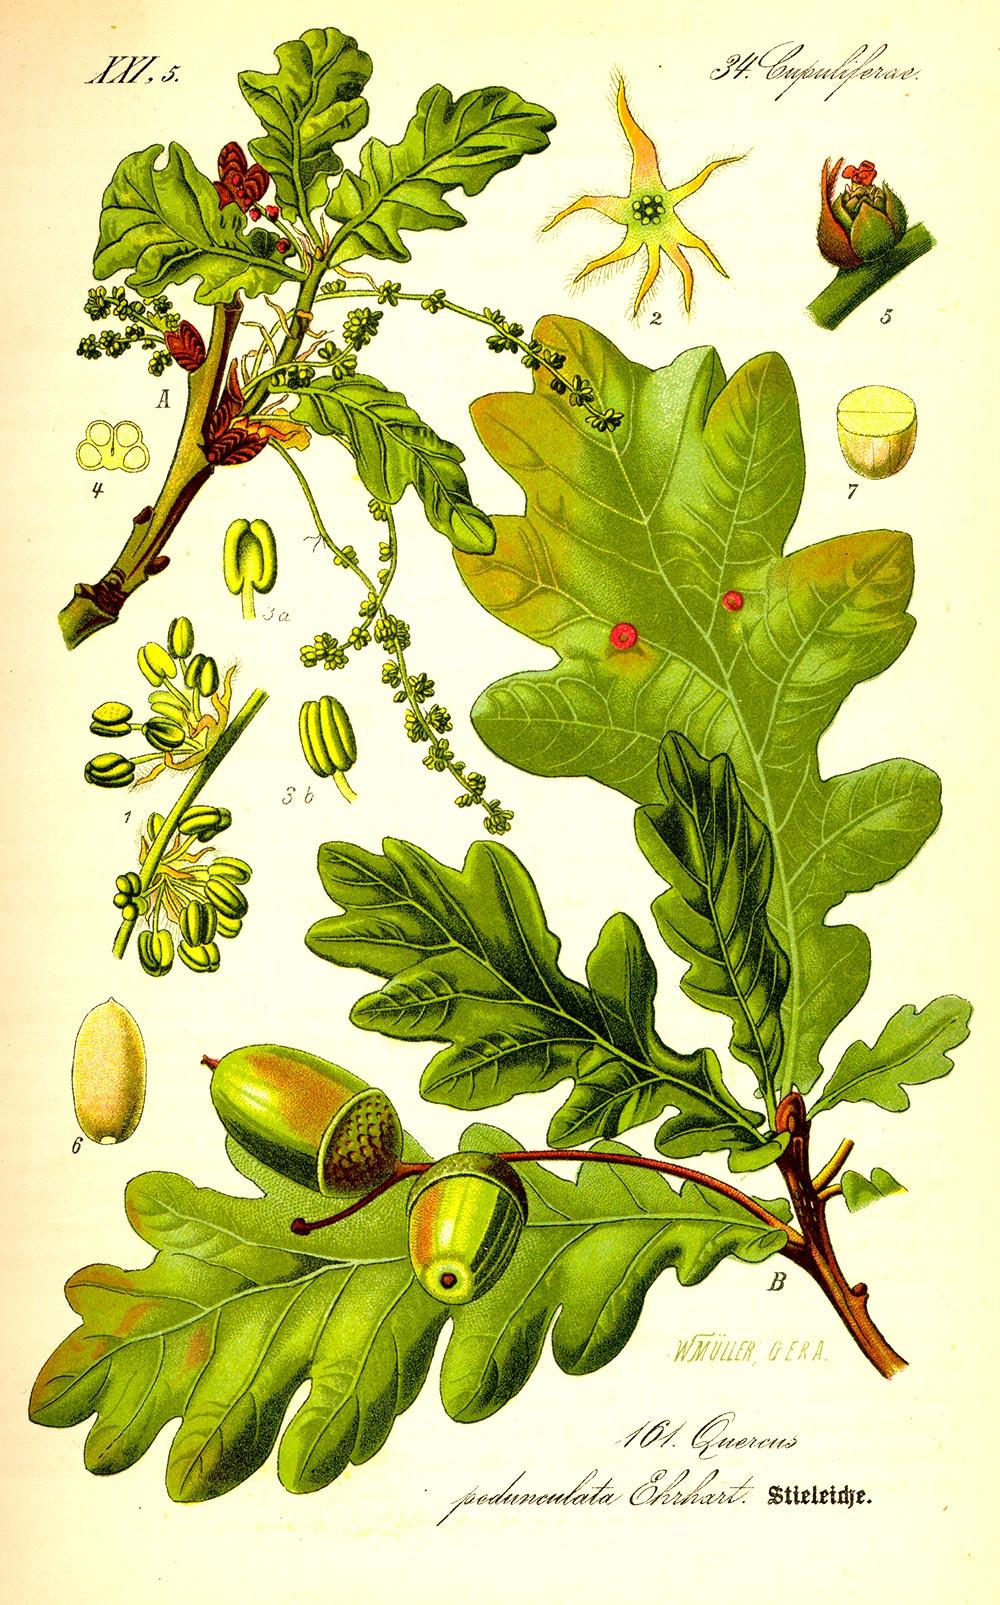 Ilustración con las hojas, flores y bellotas de un Roble